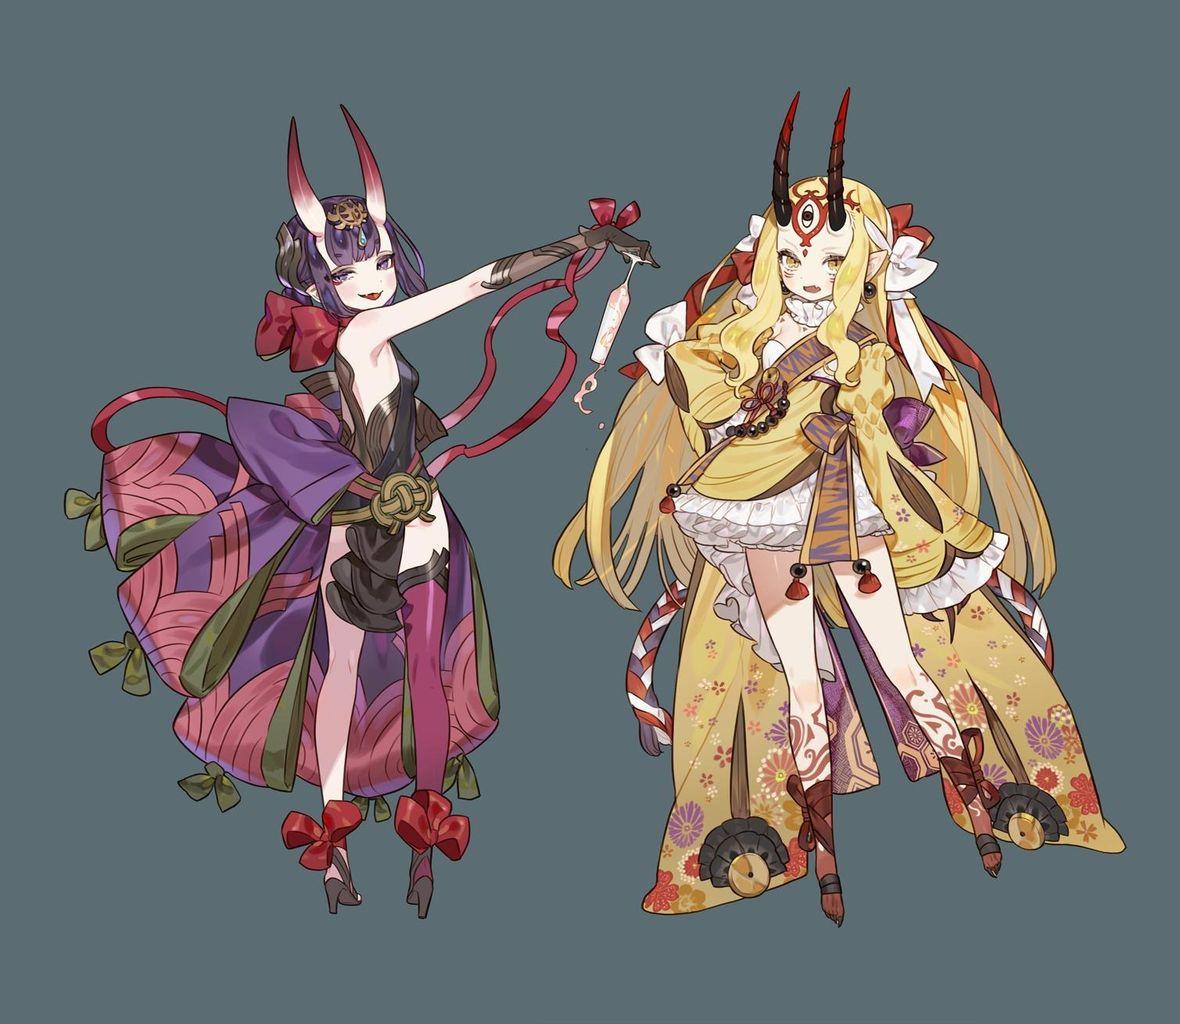 FGO】鬼コンビ&アナスタシアのドレス風衣装!! 和風ドレスすこ!